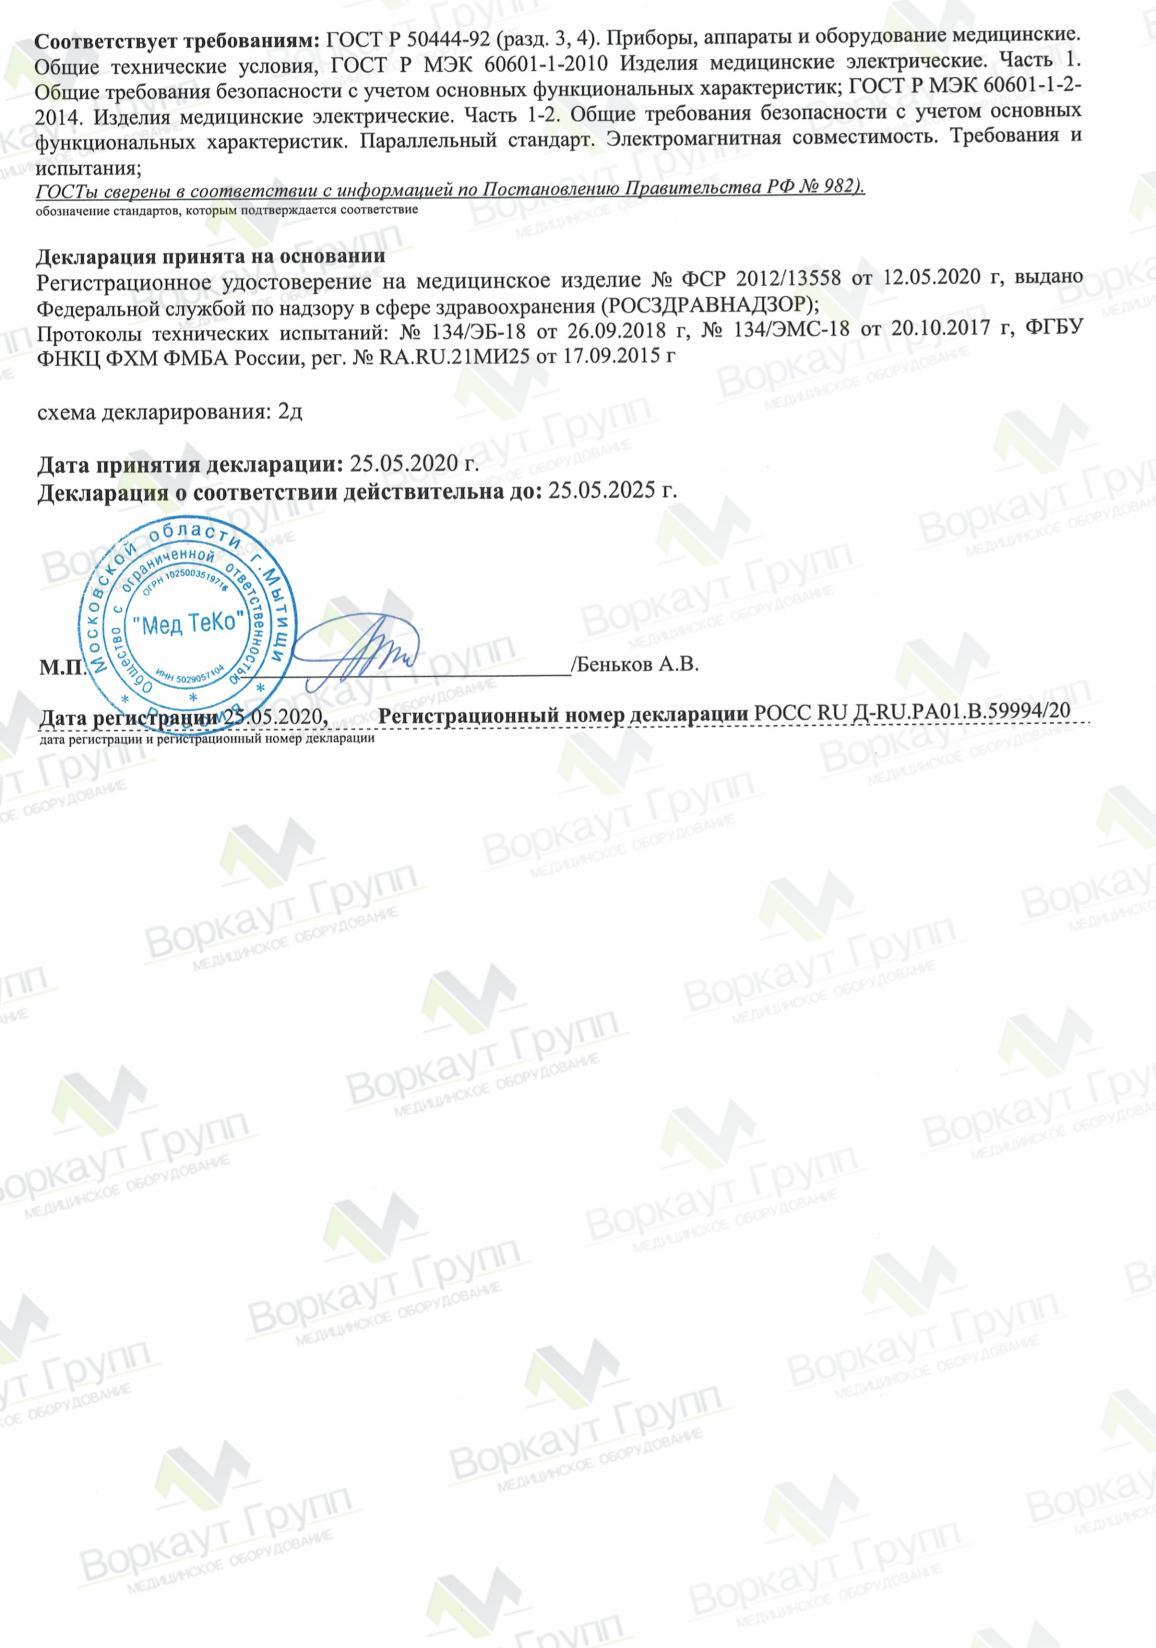 ОБР-15 Декларация о соответствии (прил. 2)